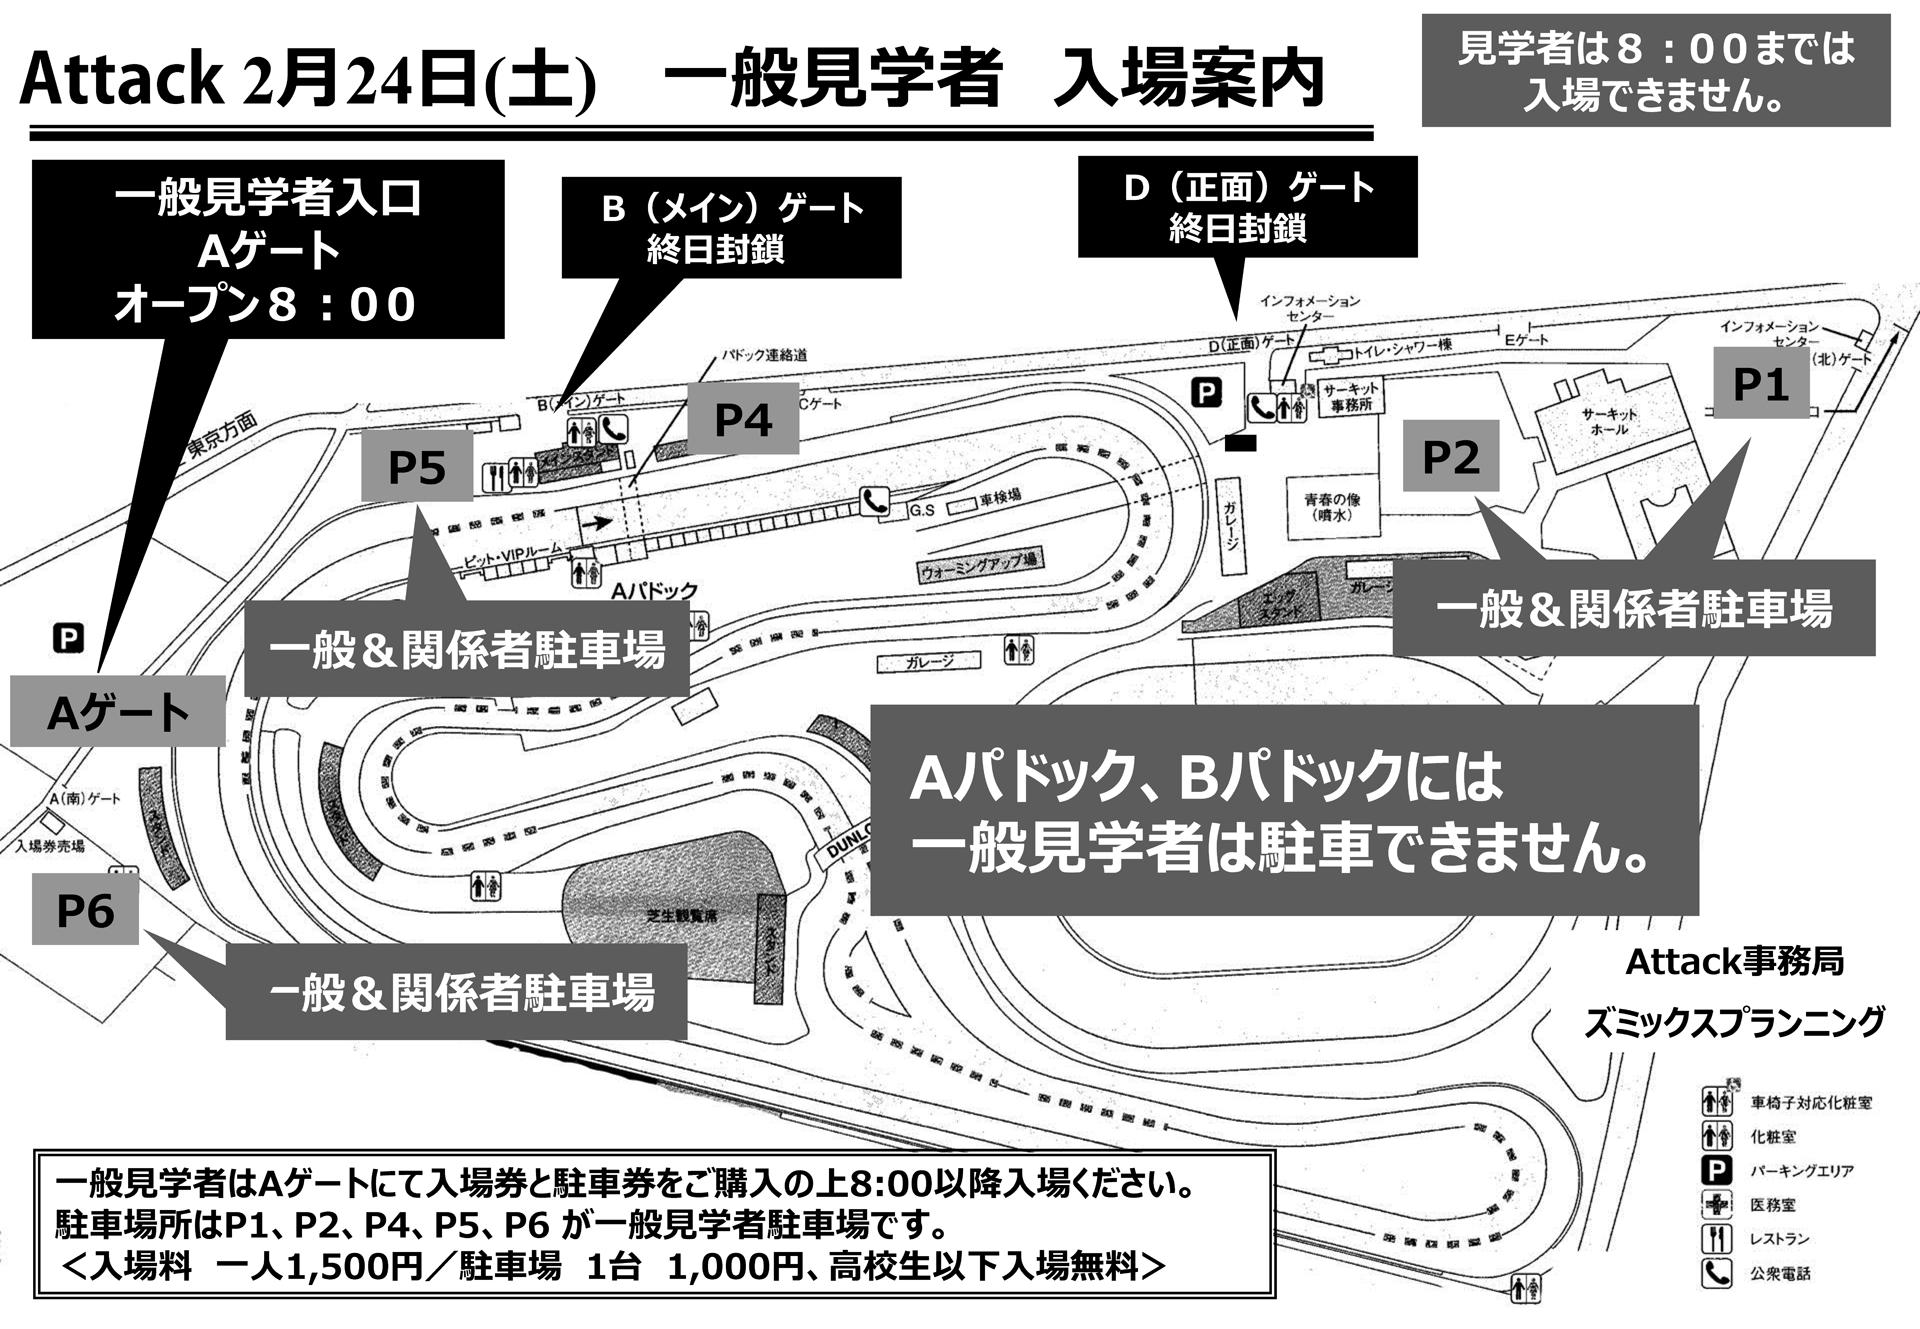 Attack筑波駐車場について